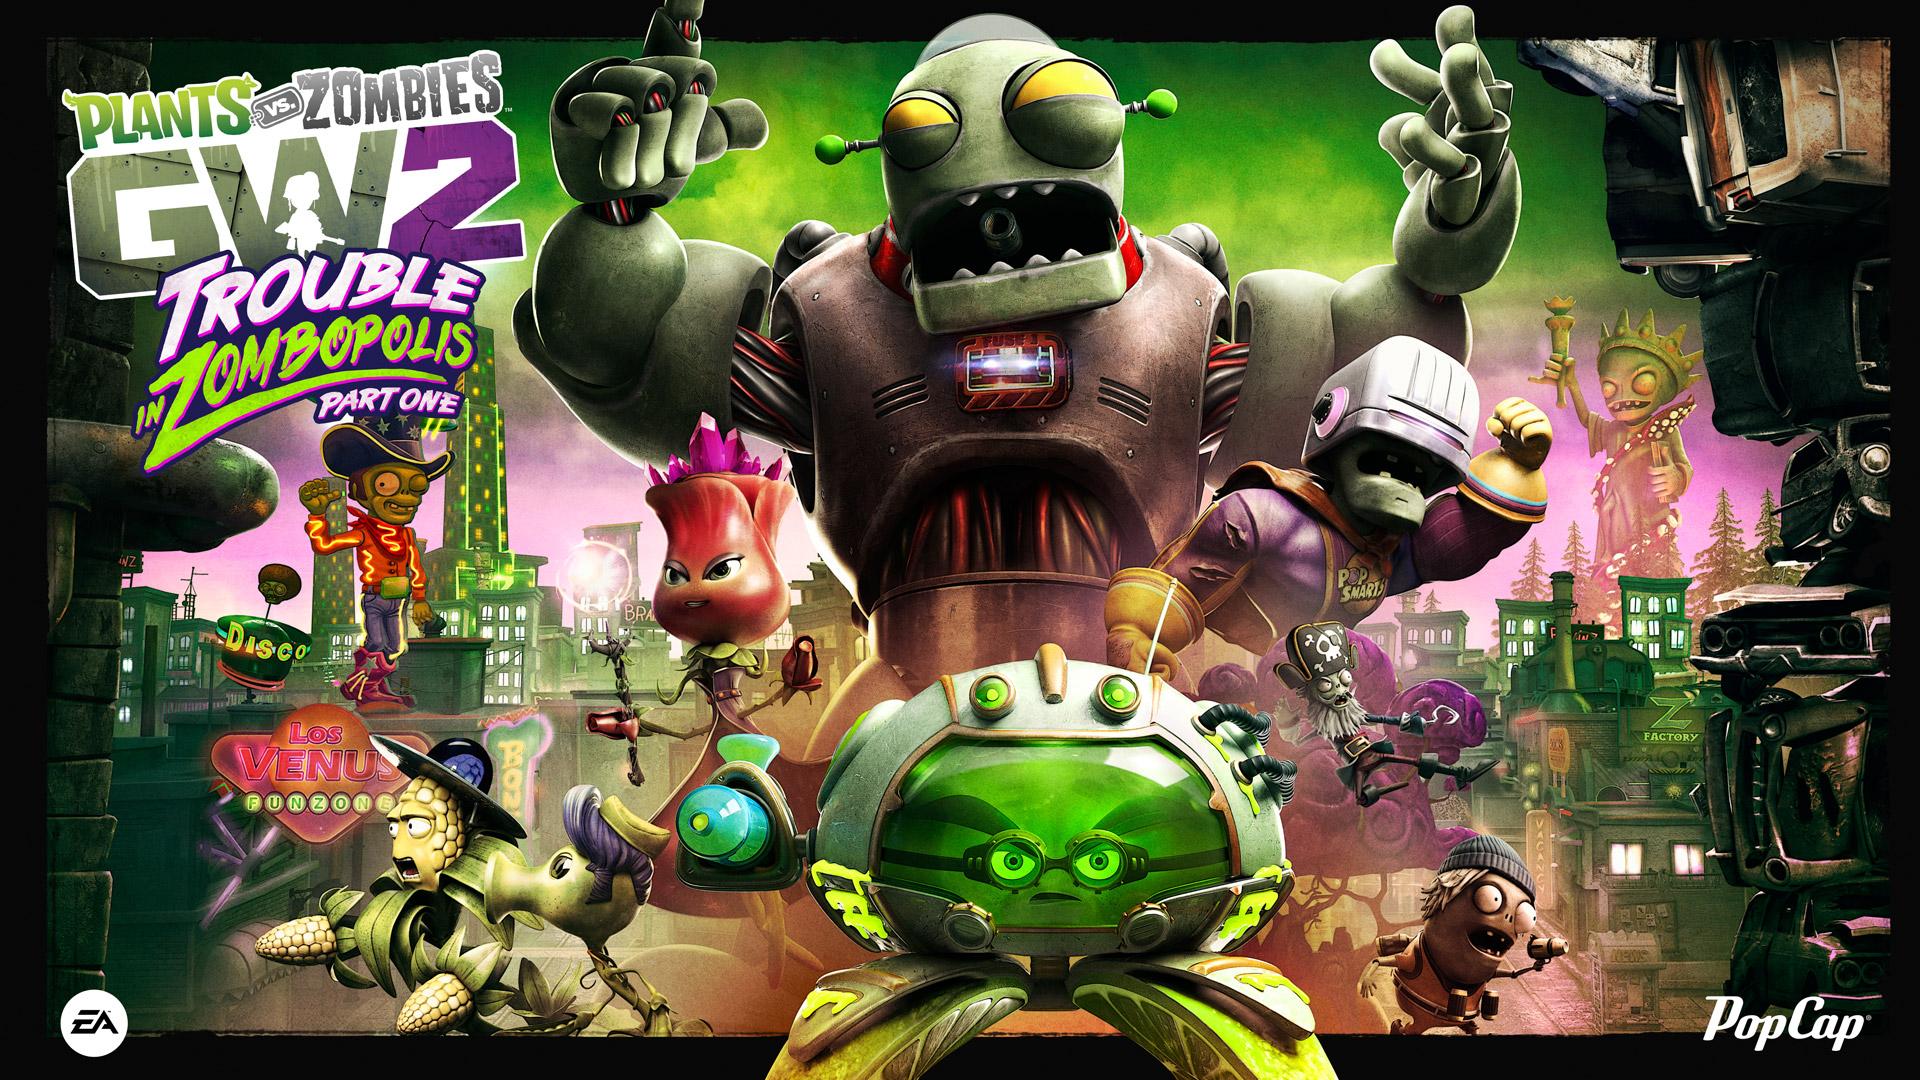 Trouble in Zombopolis parte uno, el nuevo contenido gratuito de Plants vs. Zombies Garden Warfare 2 ya está aquí, entérate de todas las novedades